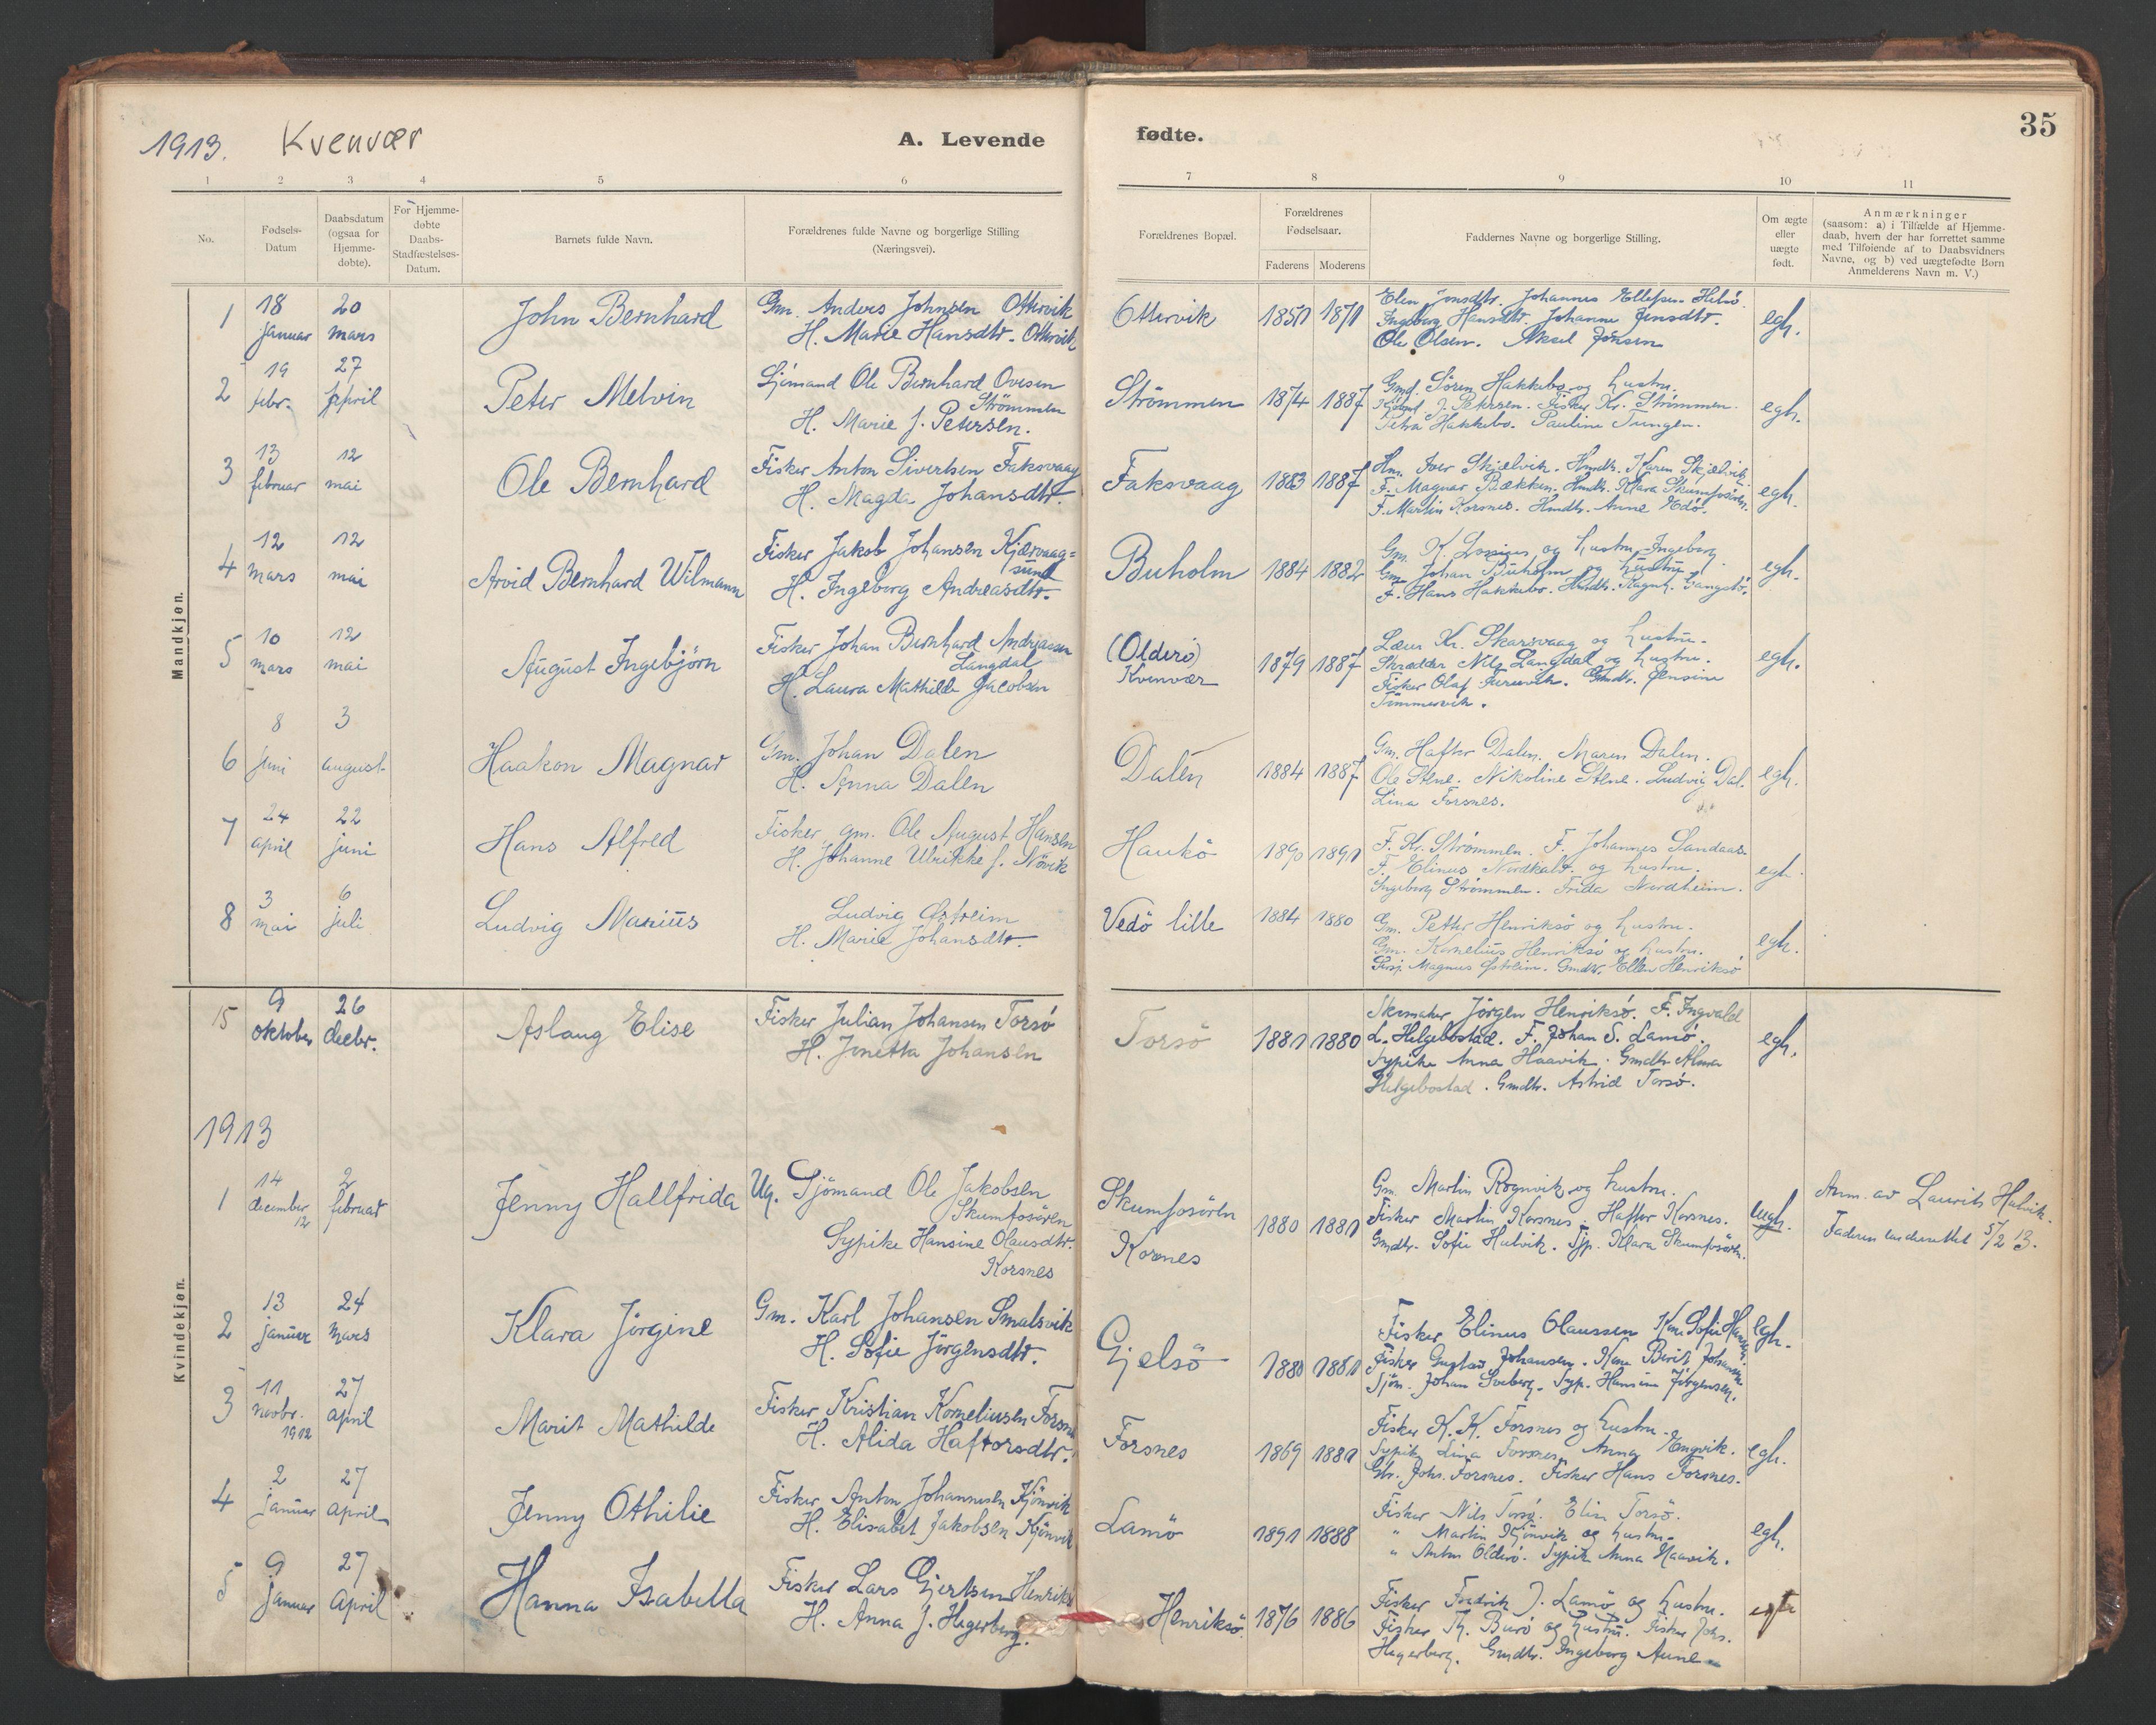 SAT, Ministerialprotokoller, klokkerbøker og fødselsregistre - Sør-Trøndelag, 635/L0552: Ministerialbok nr. 635A02, 1899-1919, s. 35